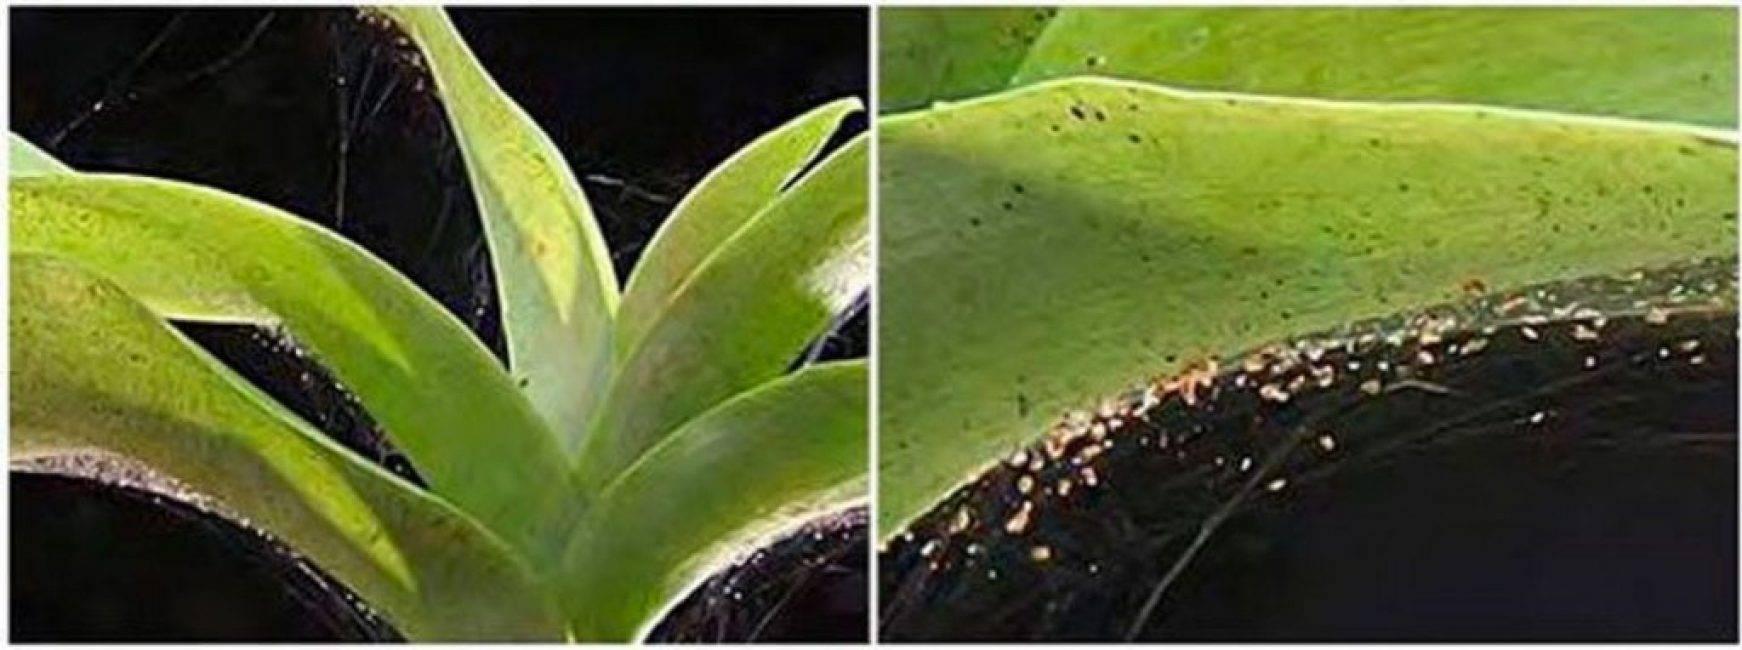 Паутинный клещ на орхидее: как избавиться от паразита